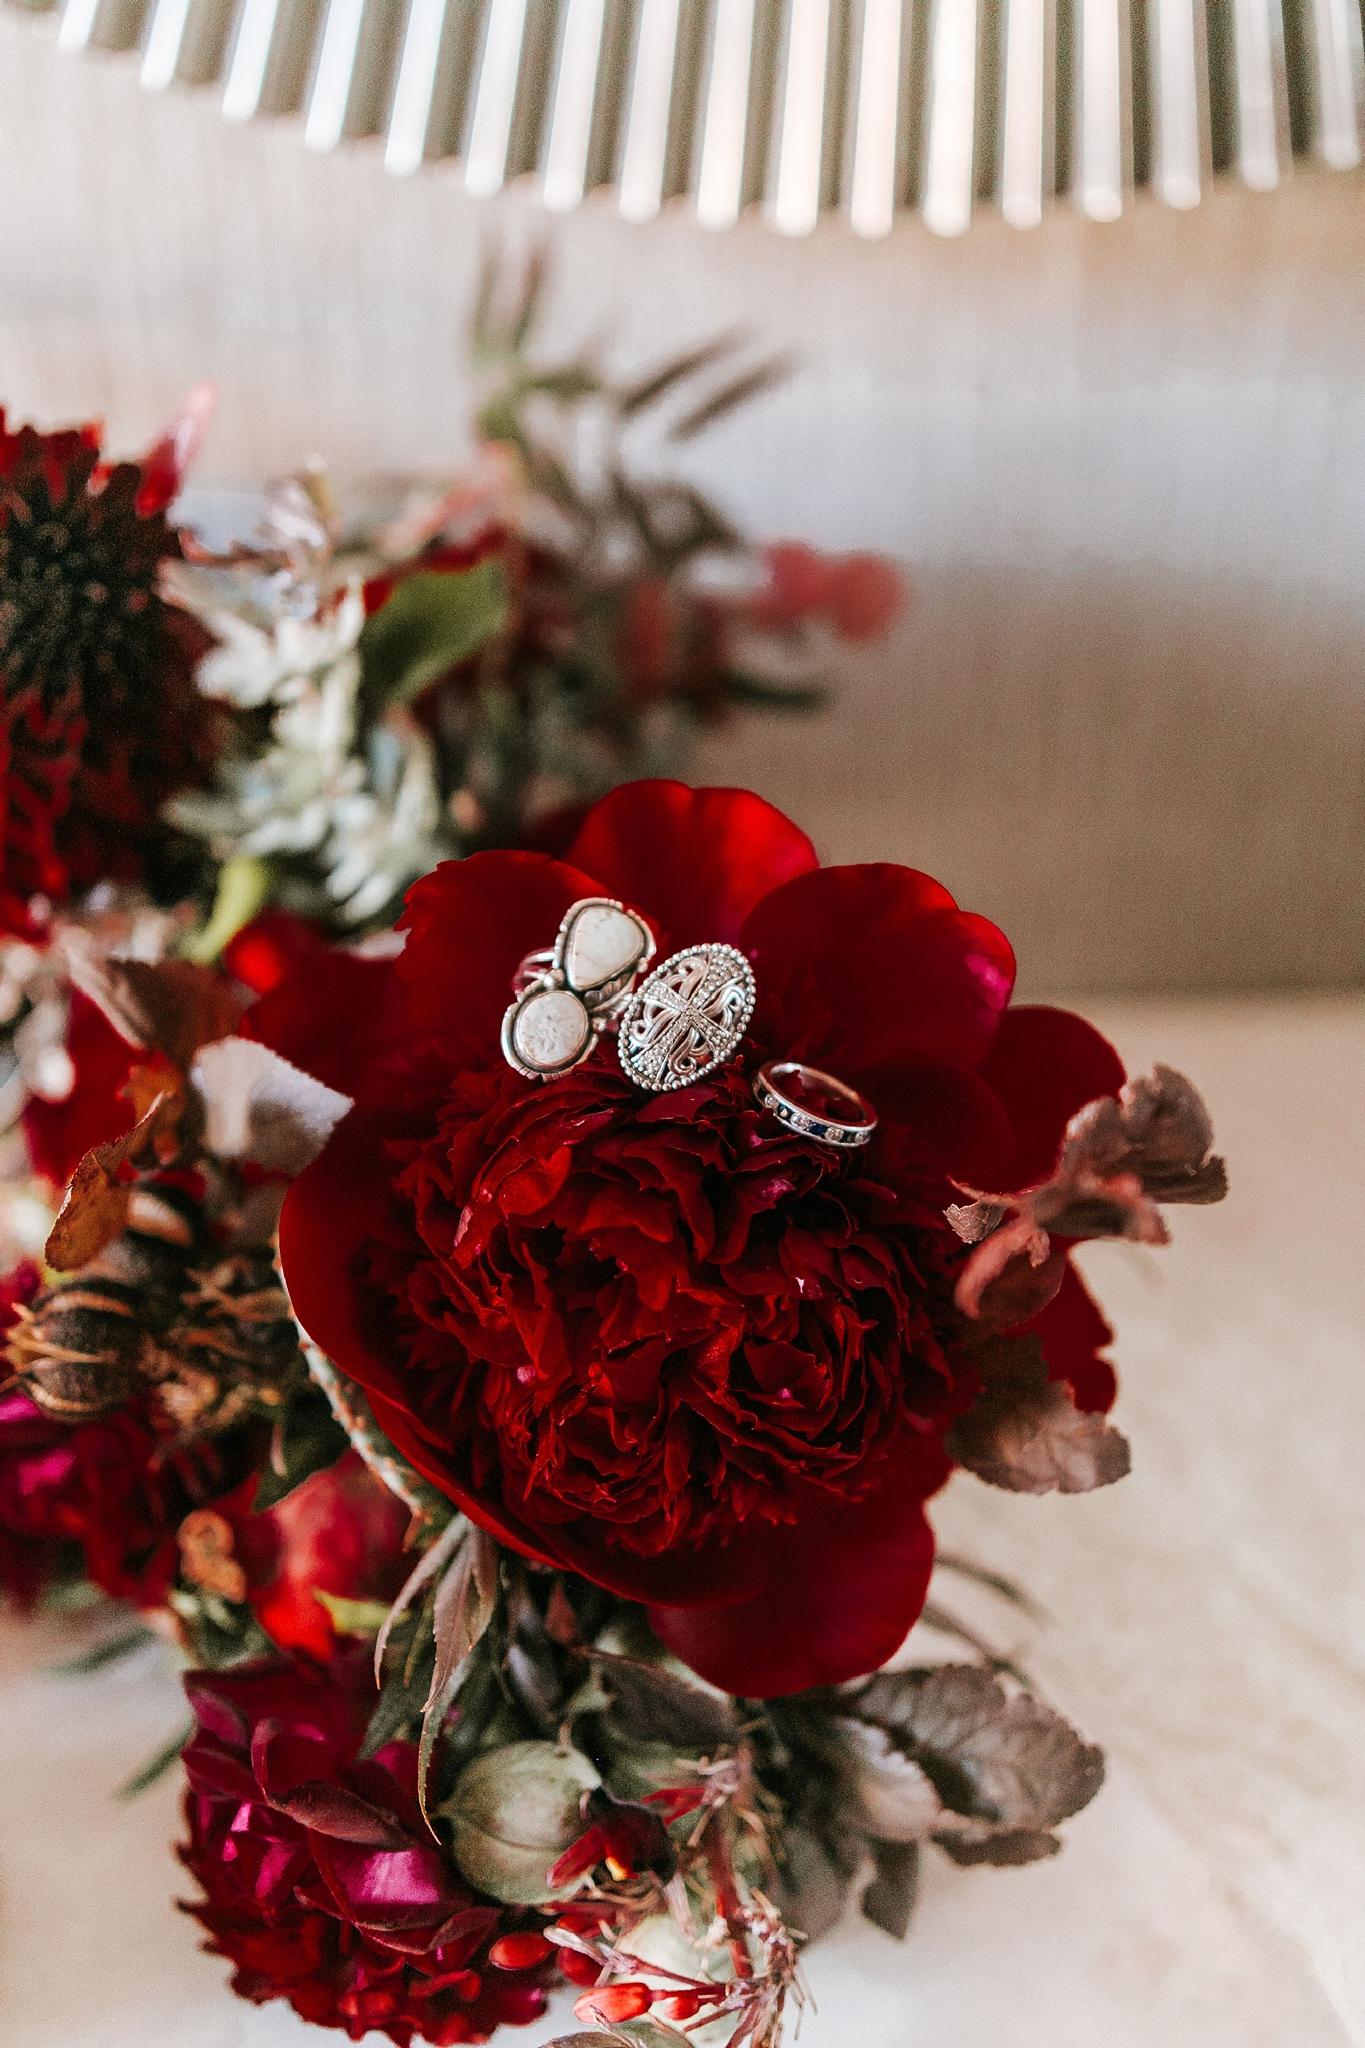 Alicia+lucia+photography+-+albuquerque+wedding+photographer+-+santa+fe+wedding+photography+-+new+mexico+wedding+photographer+-+new+mexico+wedding+-+new+mexico+florist+-+floriography+flowers+-+floriography+flowers+new+mexico+-+wedding+florist_0069.jpg